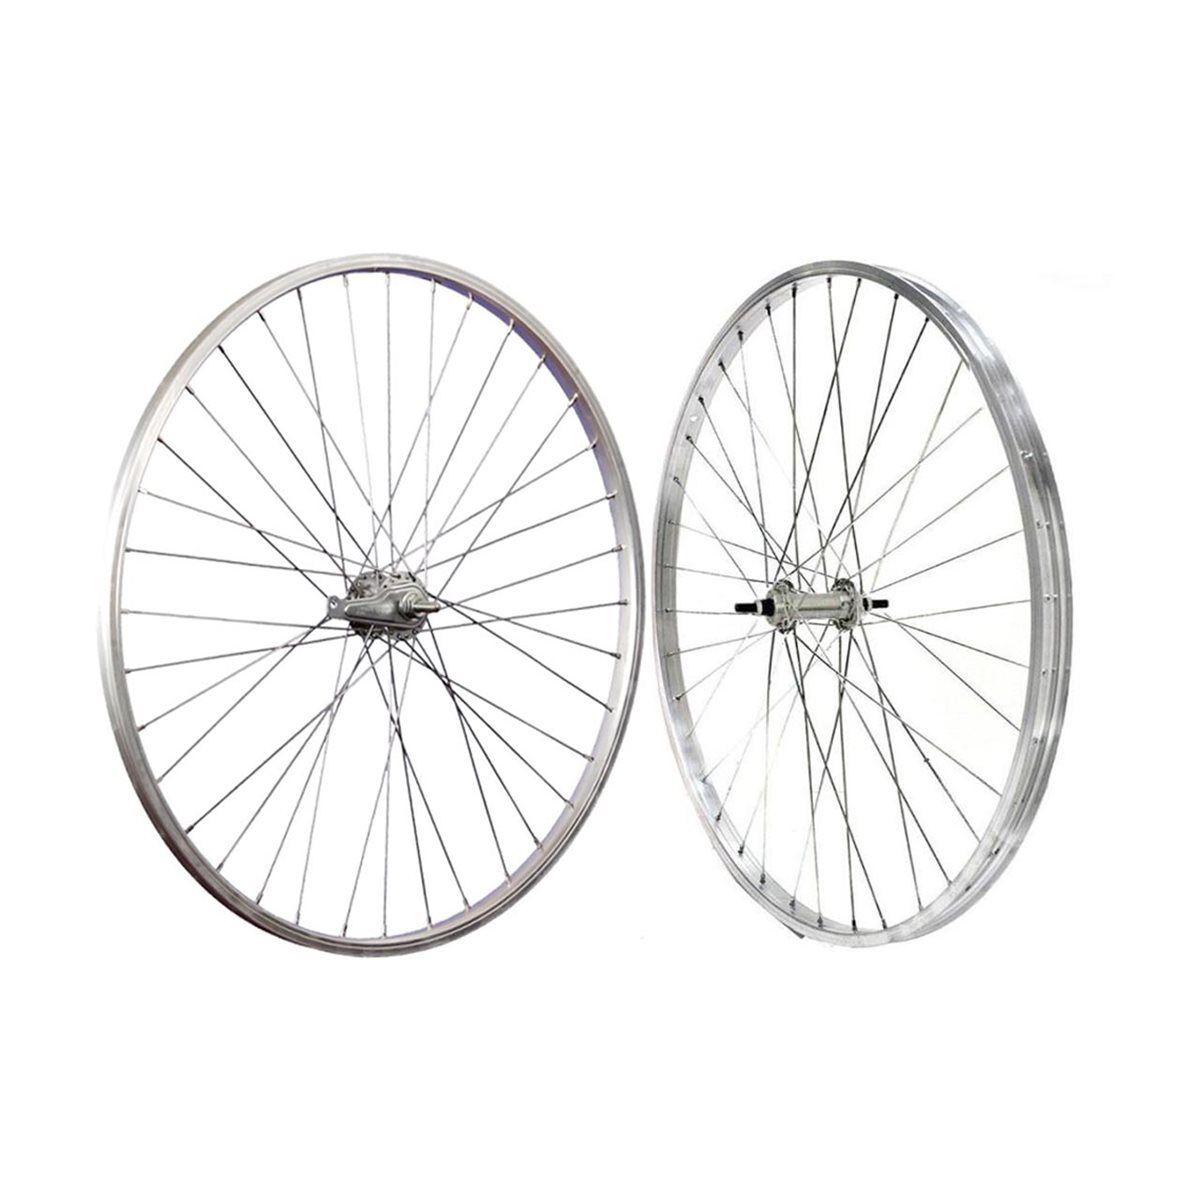 Pareja ruedas city holanda 26 x 1-3 8 freno de contrapedal silver CNT2638S